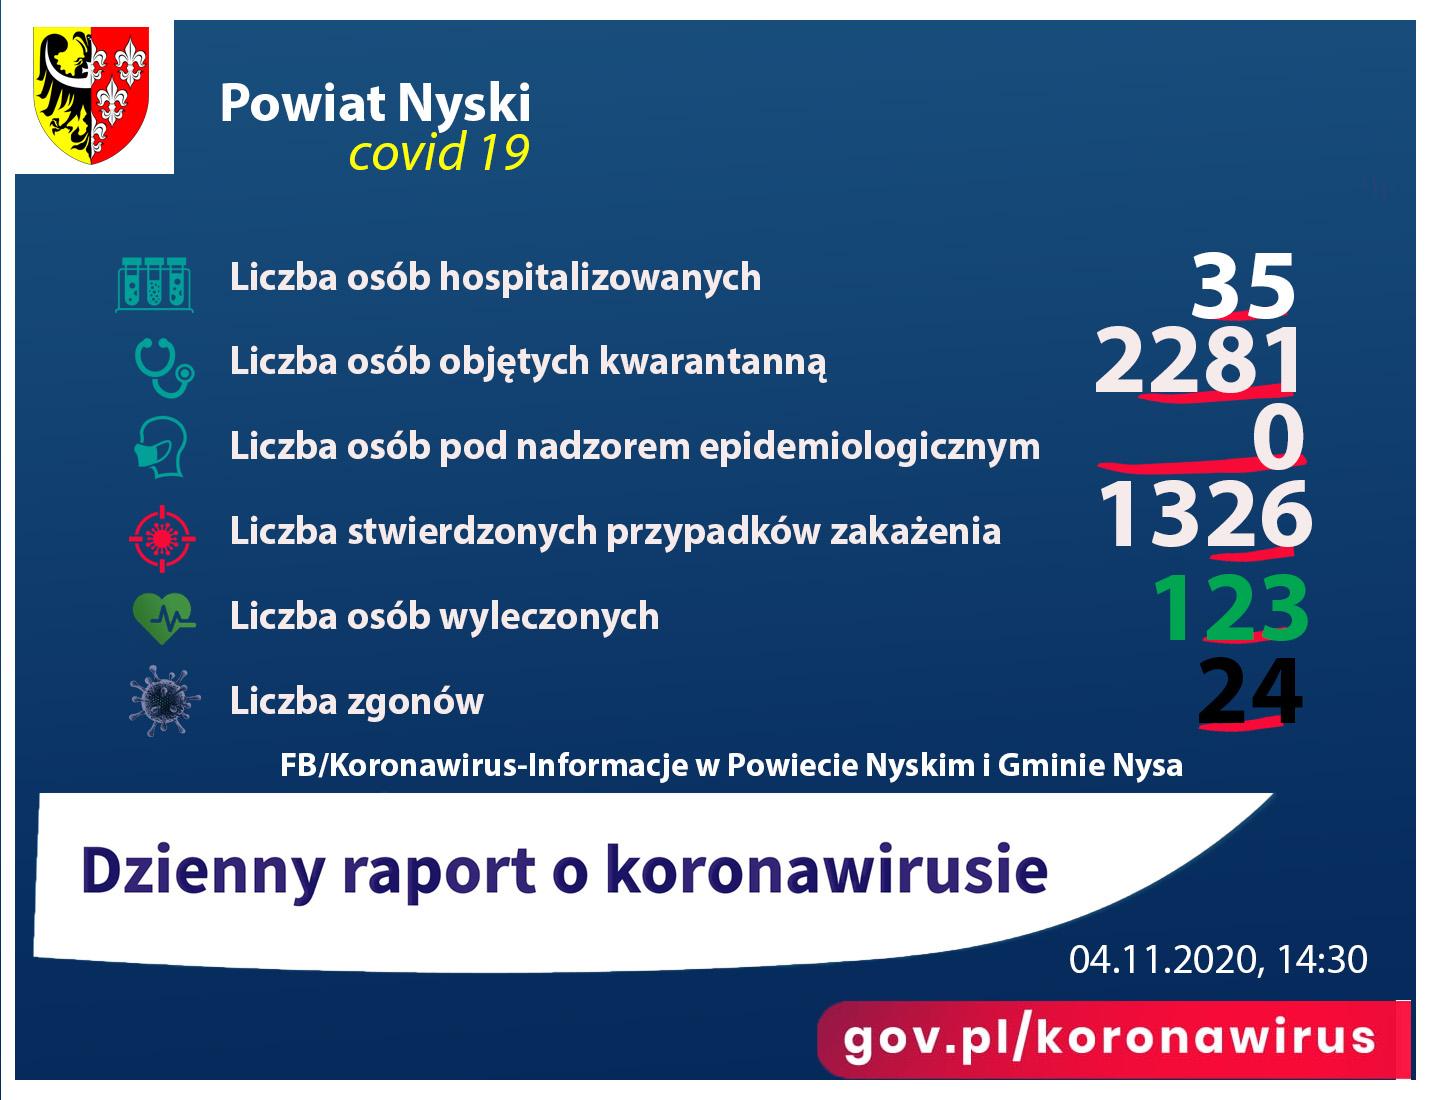 Liczba zakażonych - 1326, ozdrowieńcy - 123, kwarantanna - 2281, zgony 24